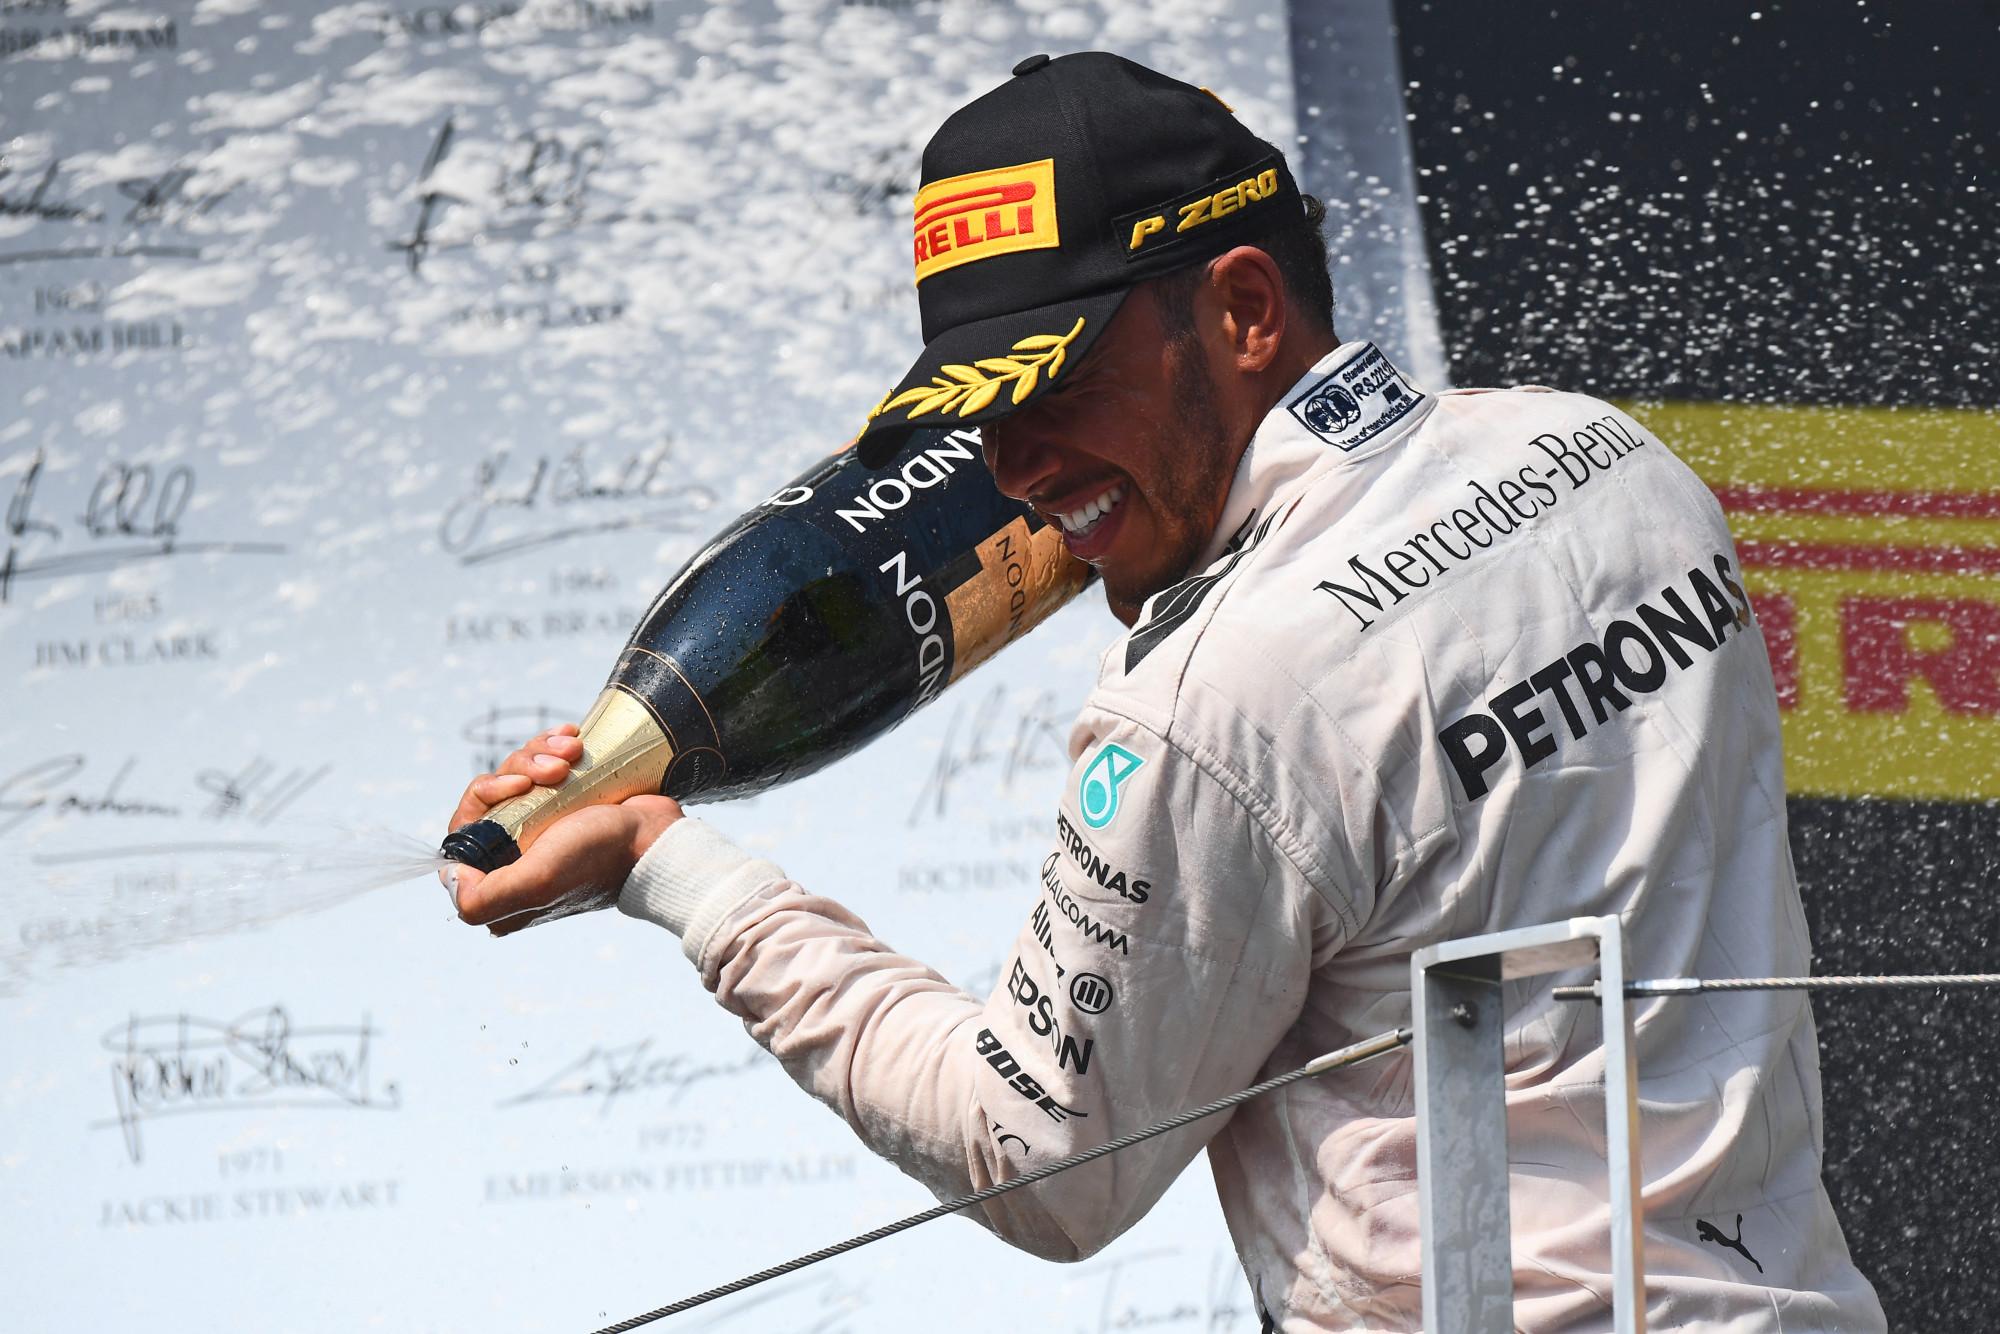 2016 Hungarian Grand Prix report